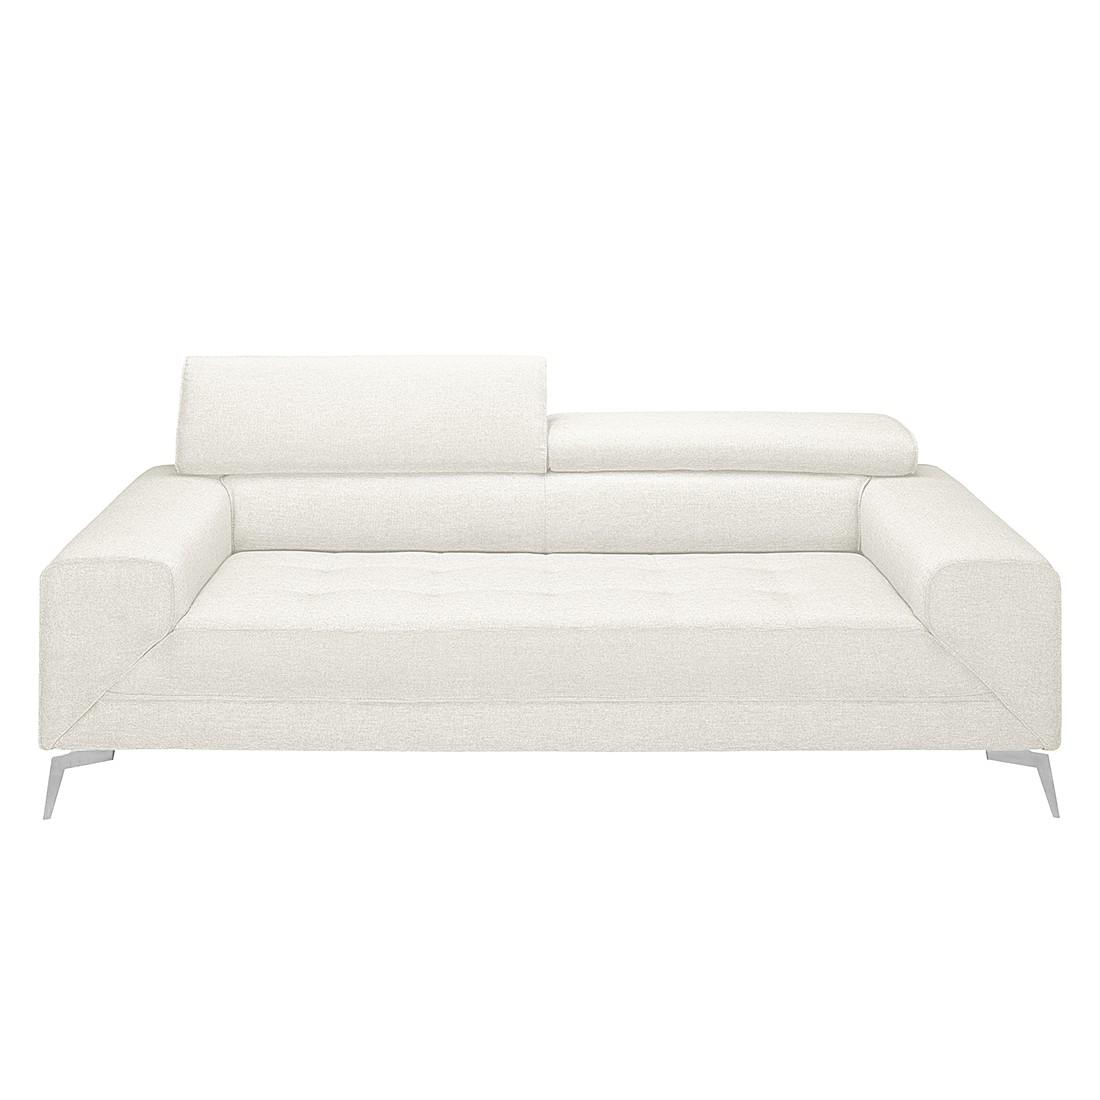 Canapé Walden (3 places) - Textile - Blanc perlé, loftscape